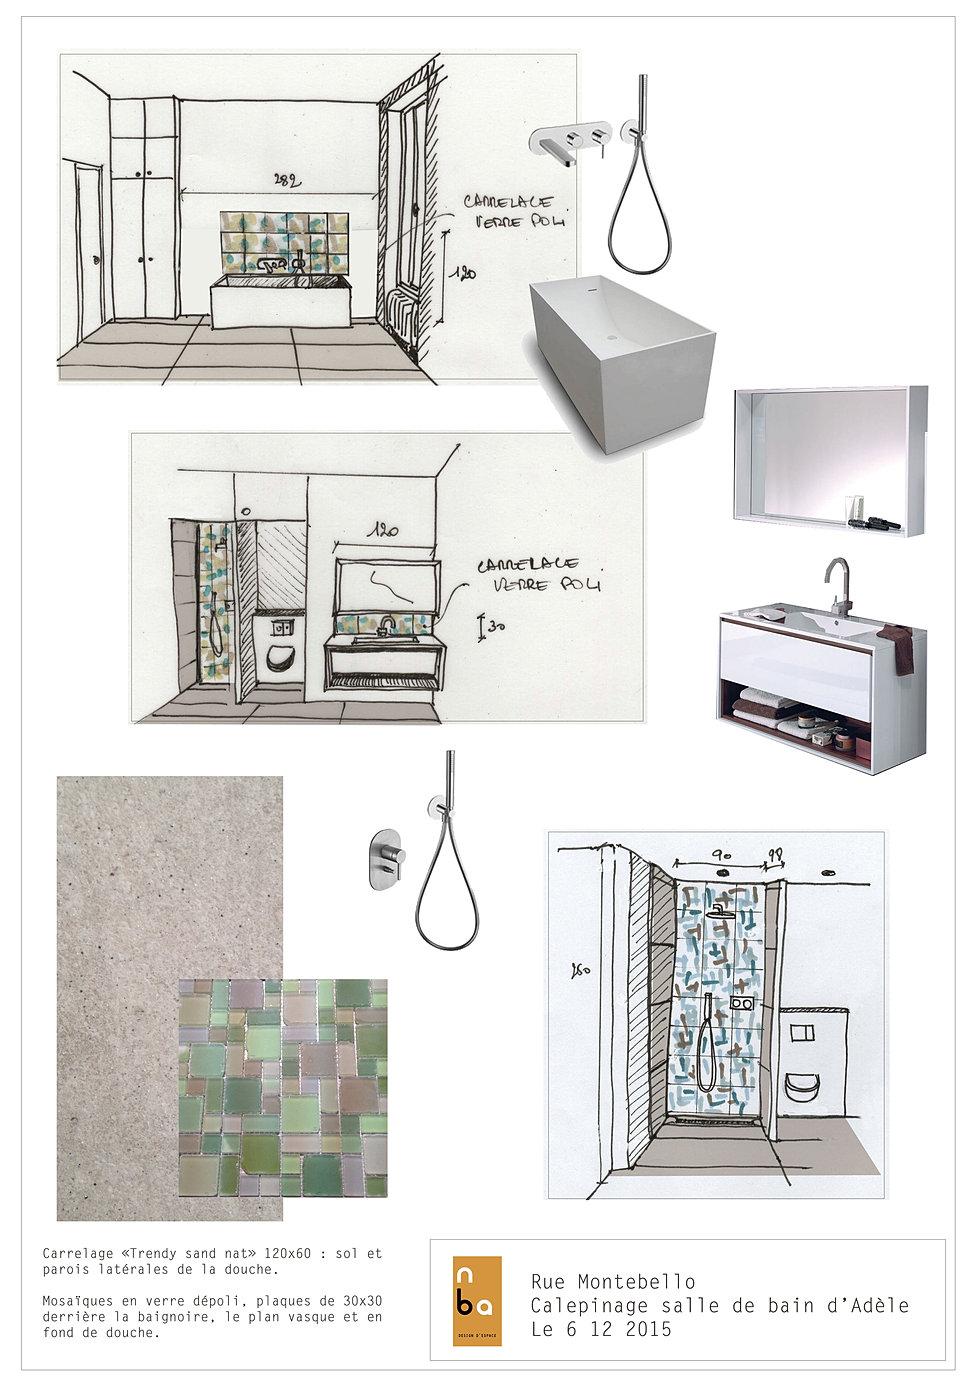 salles de bains natalie brun d